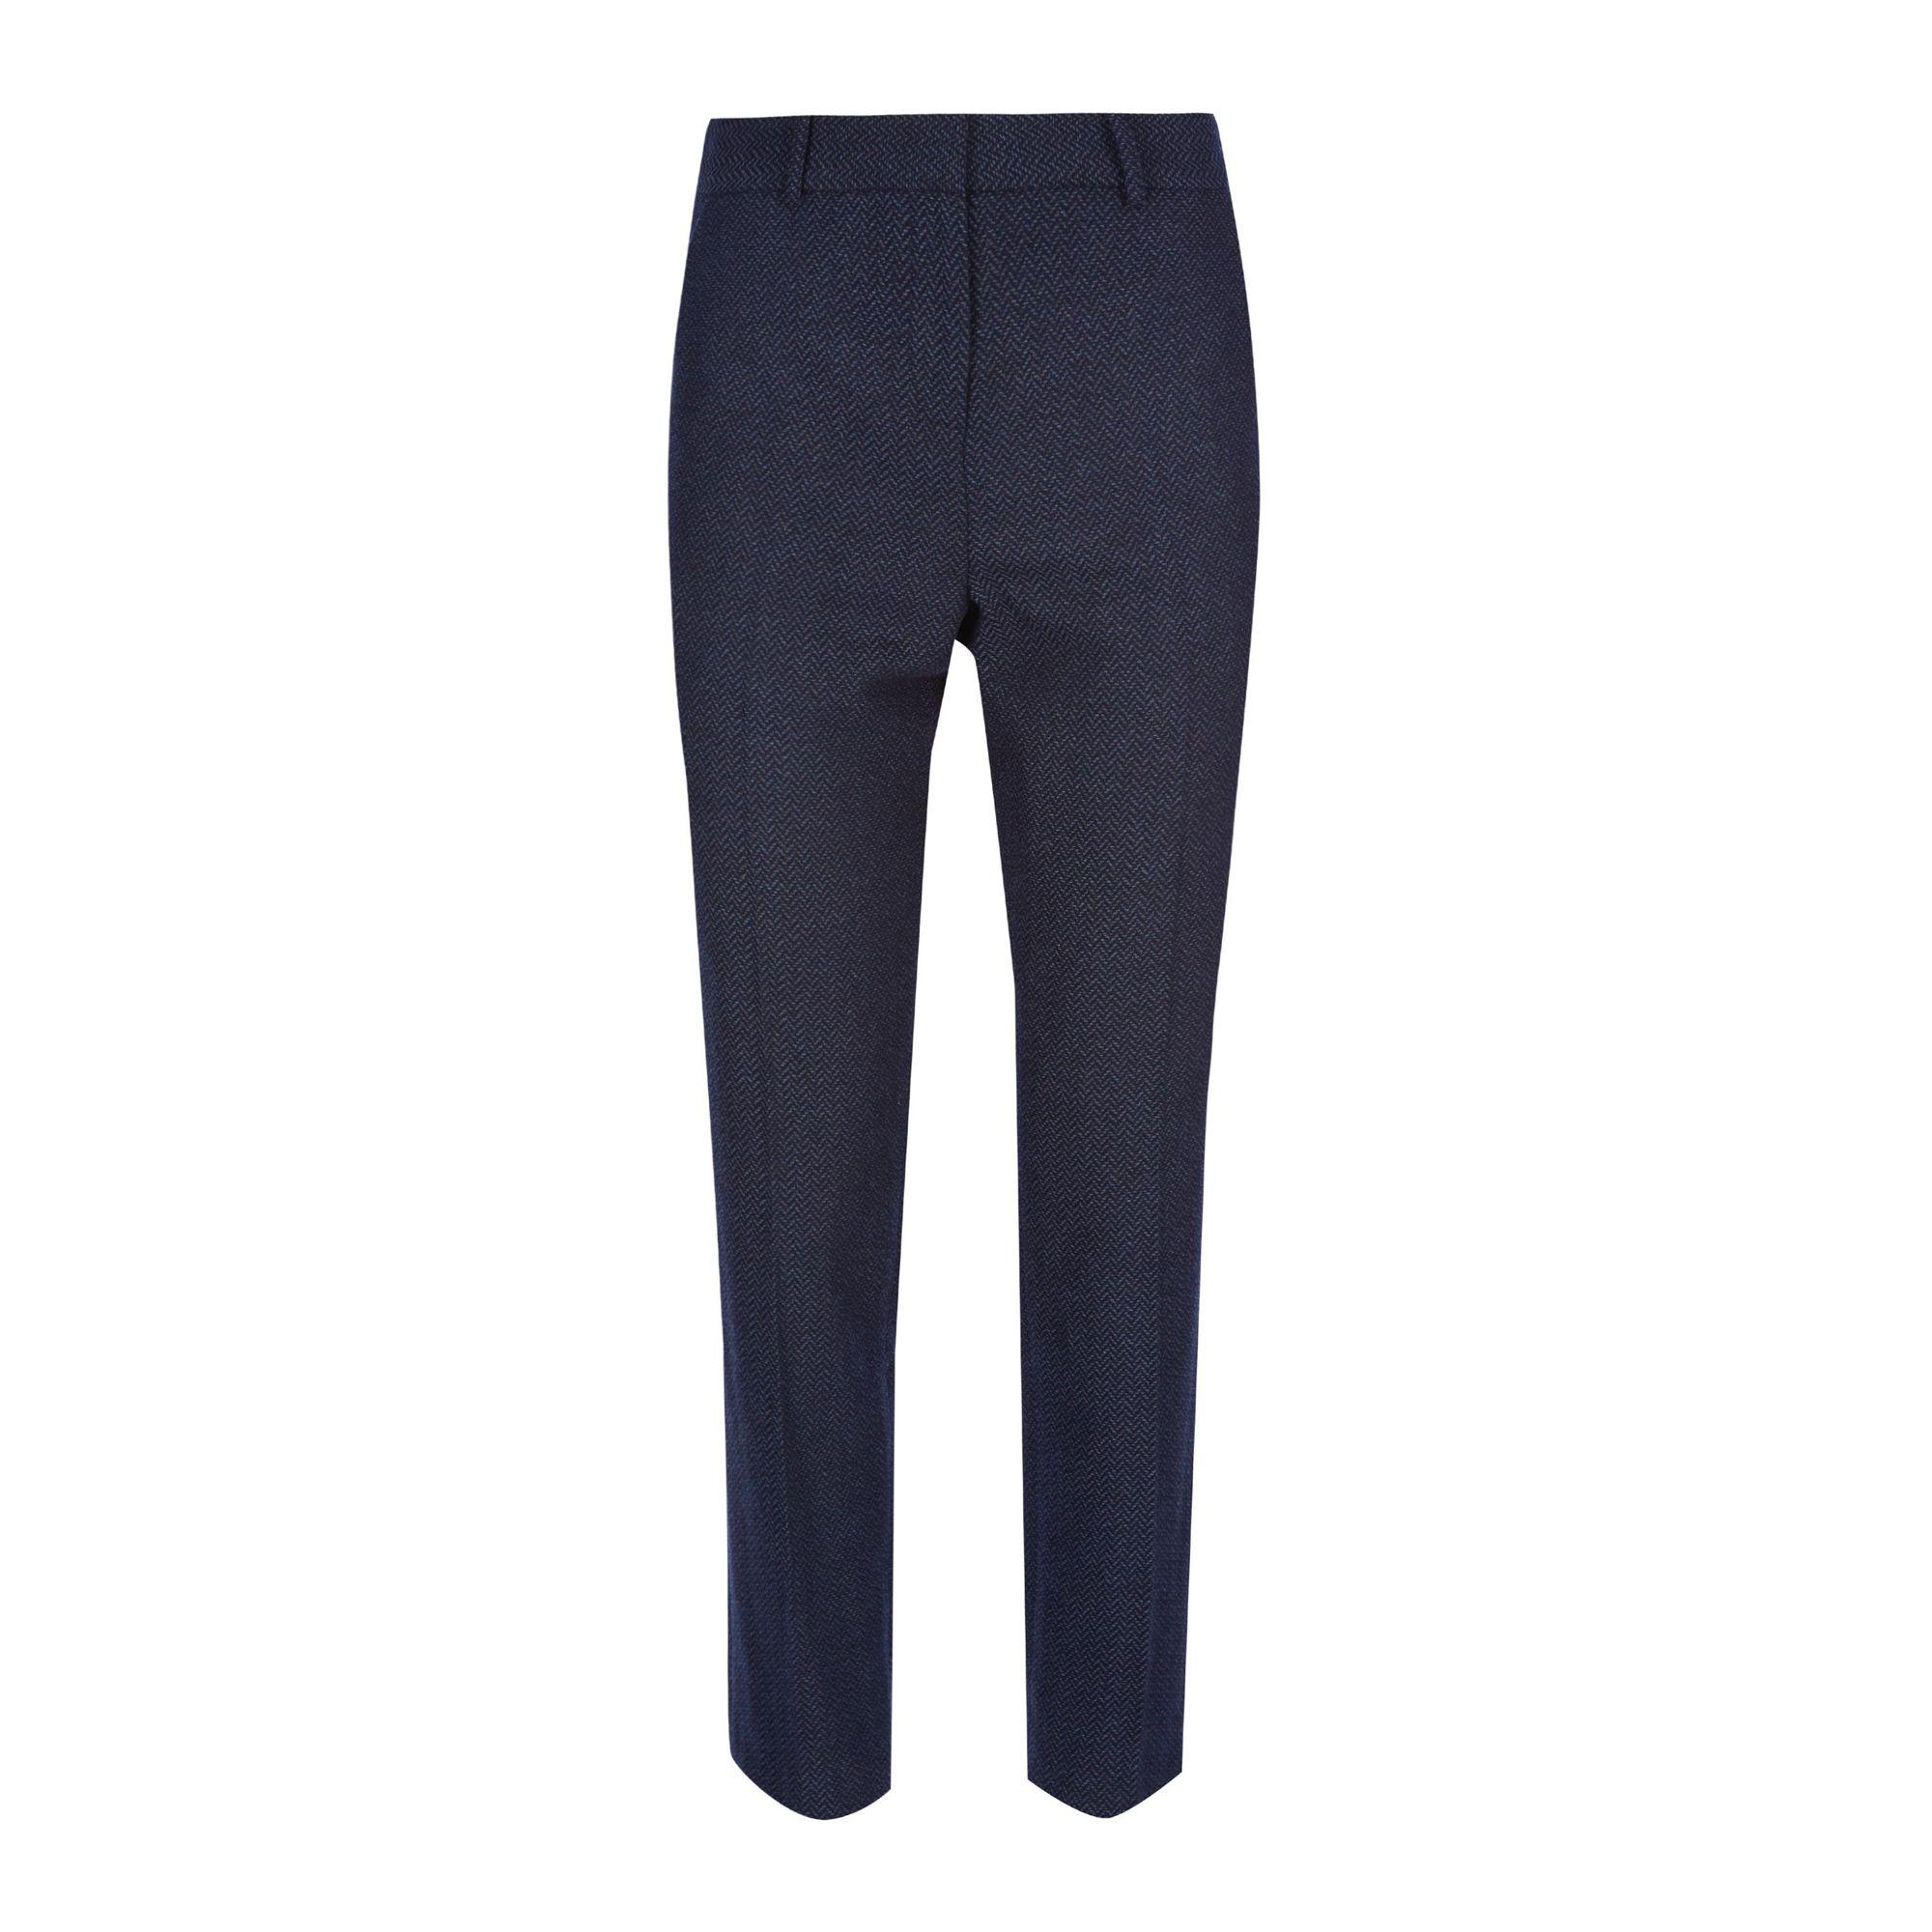 Pantalones elegantes de corte slim con diseño de espiga azul marino de